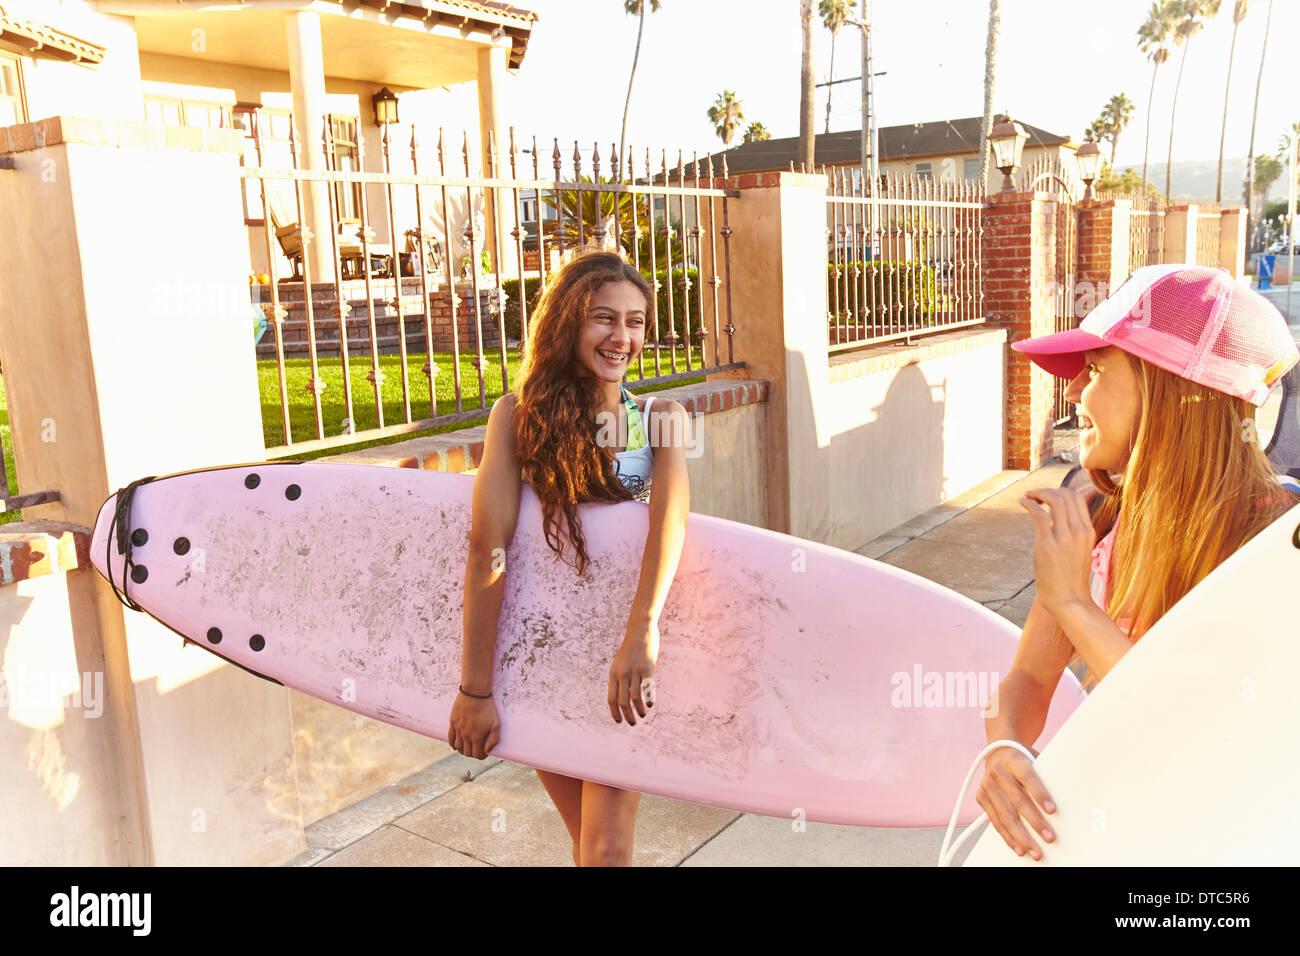 Dos niñas llevar tablas de surf riendo y sonriendo Imagen De Stock